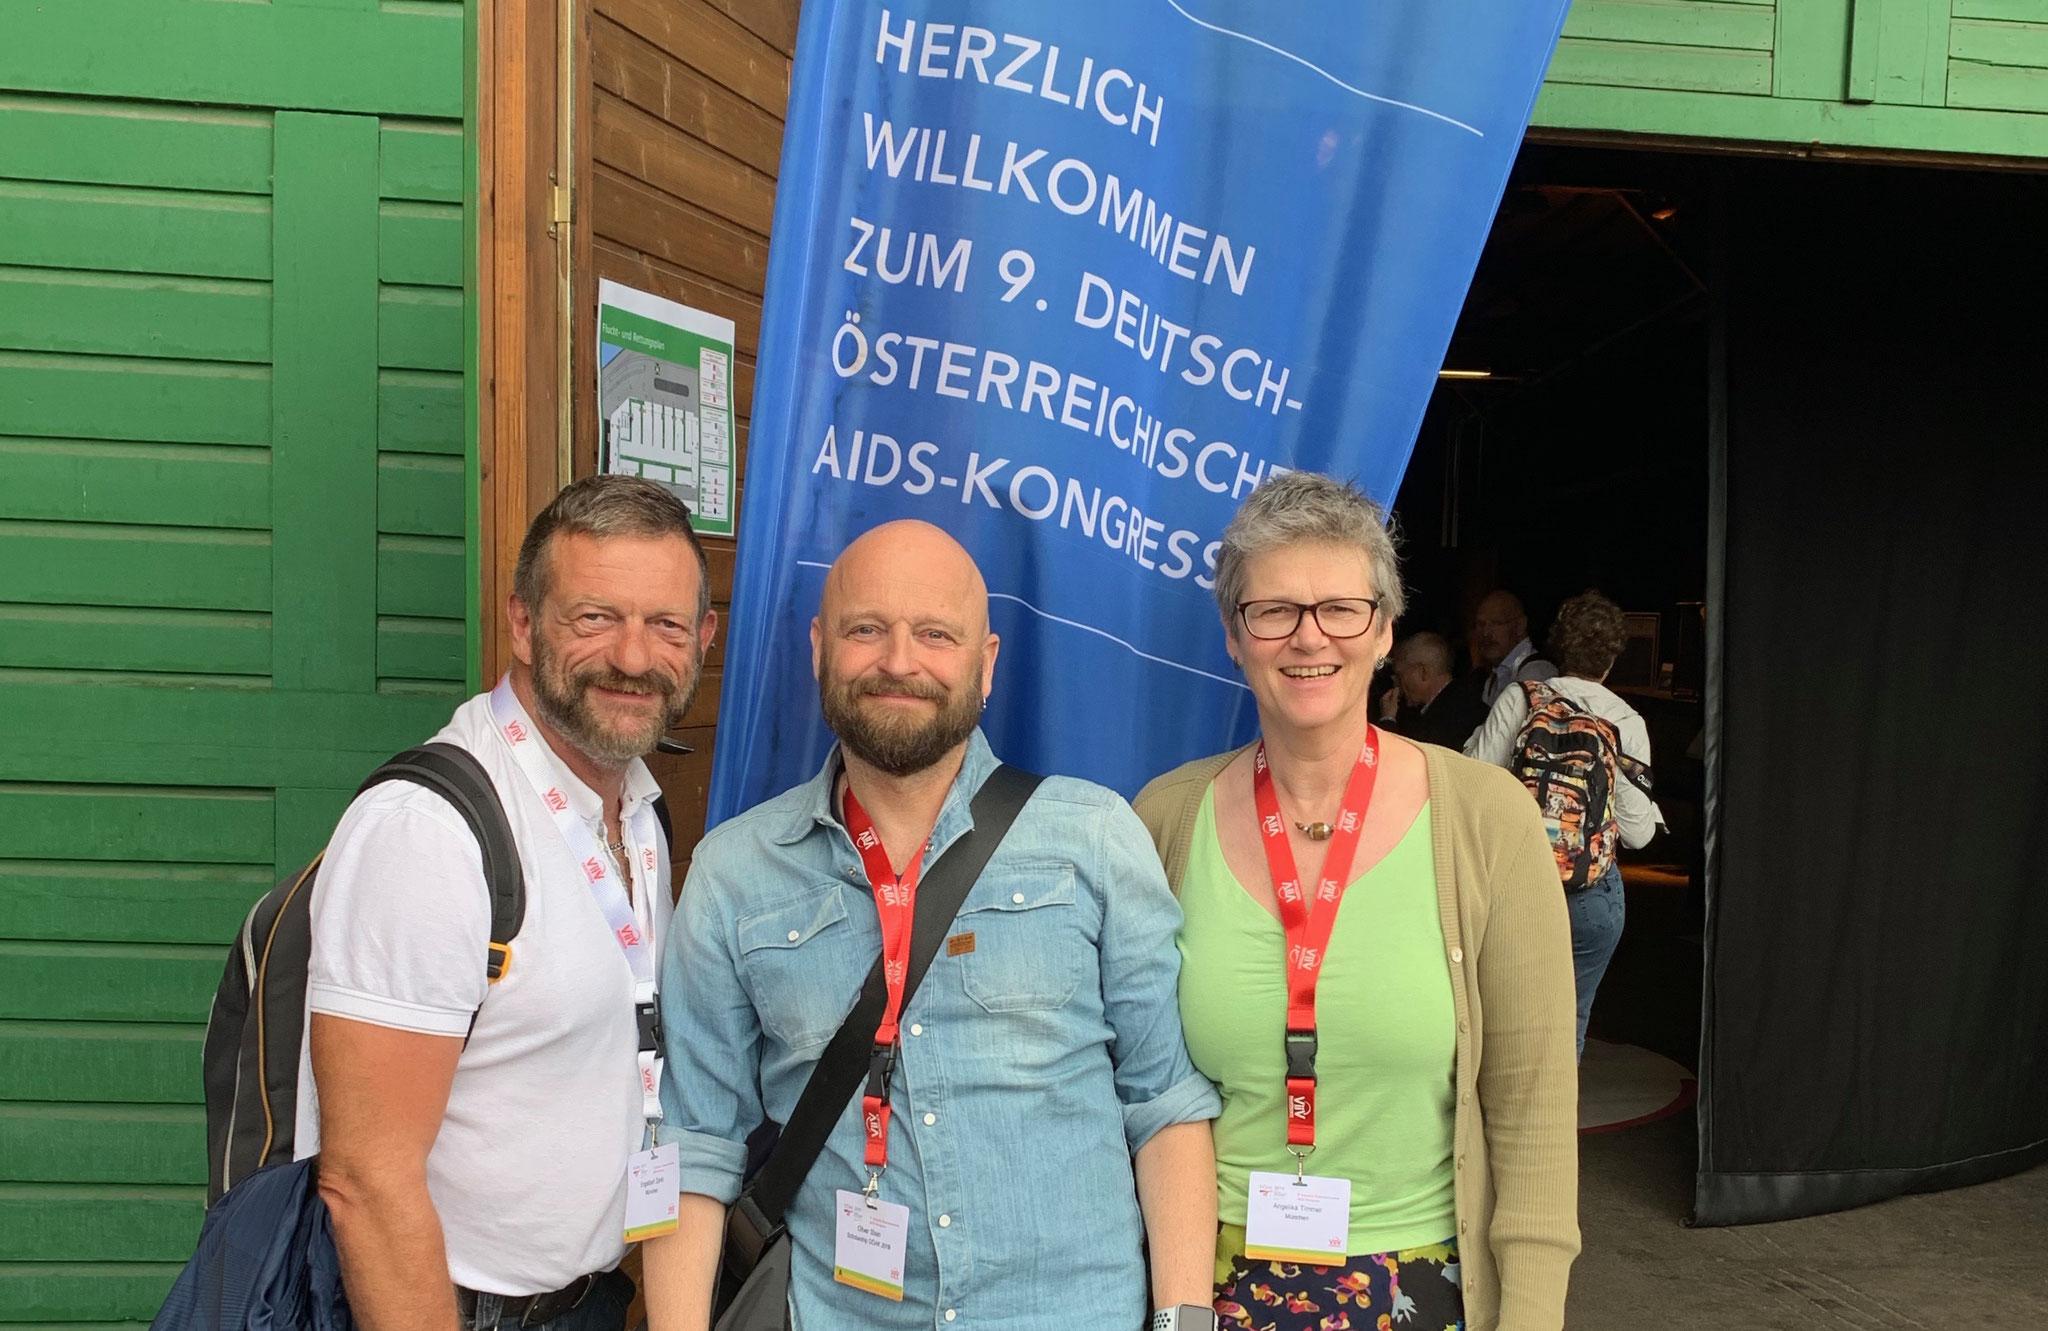 Deutsch-Österreichischer AIDS-Kongress 2019